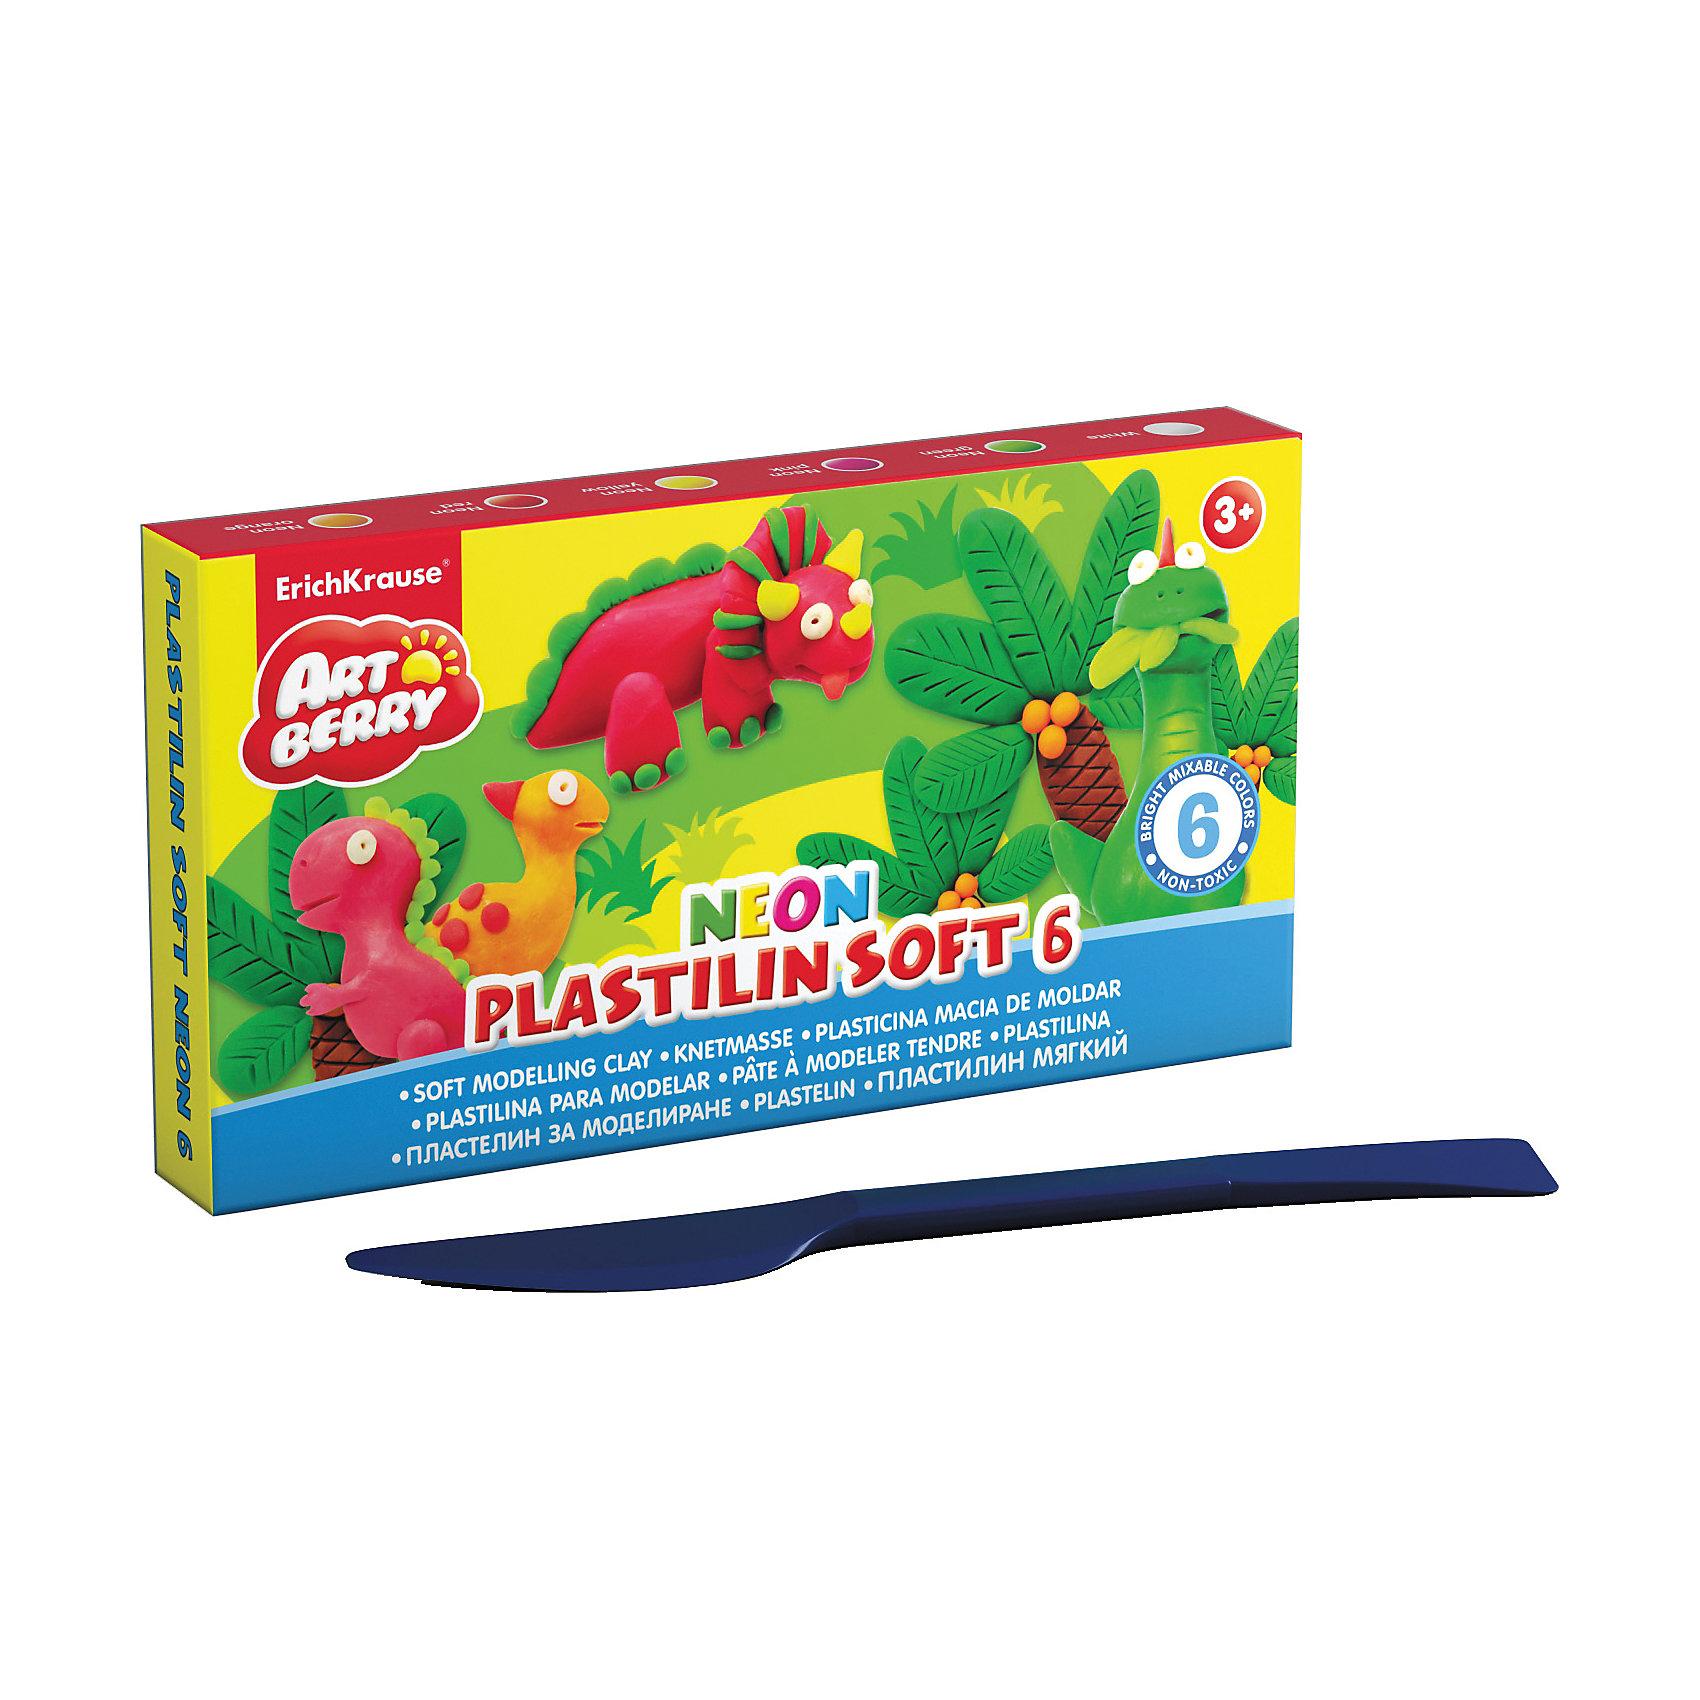 Пластилин мягкий Artberry NEON 6 цветов, 120г, со стекомЛепка<br>Характеристики товара:<br><br>• материал упаковки: картон<br>• в комплект входит: пластилин, стек<br>• количество цветов: 12<br>• возраст: от 3 лет<br>• габариты упаковки: 14х14х1,8 см<br>• вес: 273 г<br>• страна производитель: Россия<br><br>Лепка из мягкого пластилина – полезное и очень увлекательное занятие для детей любого возраста. Лепка развивает мелкую моторику у малыша и творческие способности. Лепить можно самостоятельно и вместе со взрослыми. Пластилин не токсичен.<br><br>Пластилин мягкий Artberry NEON 12 цветов, 240г, со стеком можно купить в нашем интернет-магазине.<br><br>Ширина мм: 105<br>Глубина мм: 75<br>Высота мм: 45<br>Вес г: 139<br>Возраст от месяцев: 36<br>Возраст до месяцев: 2147483647<br>Пол: Унисекс<br>Возраст: Детский<br>SKU: 5409317